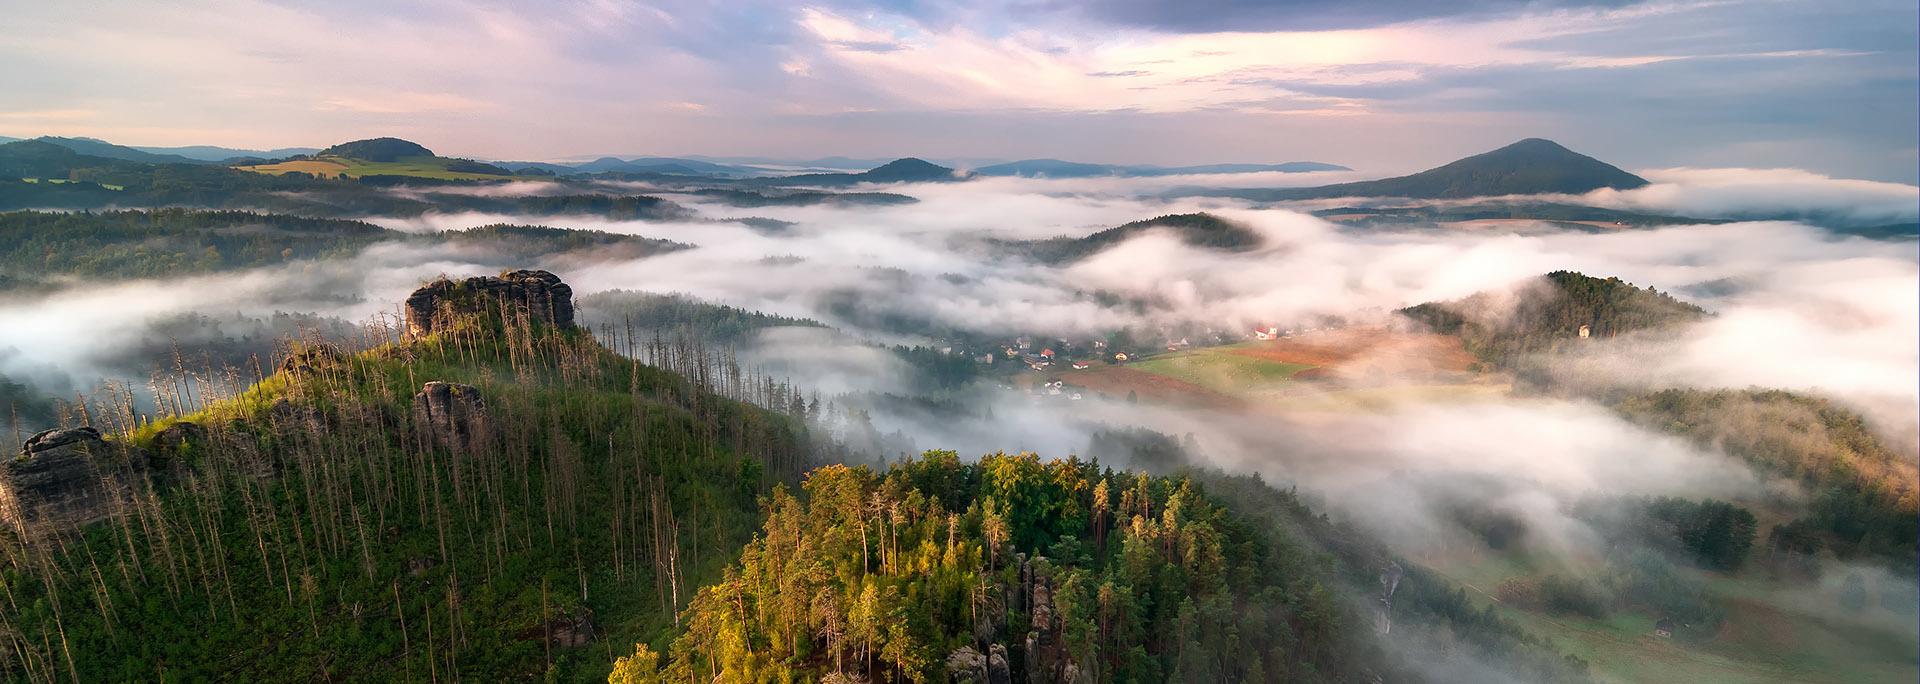 Cseh homokkövek és Szász Svájc Csehország, Szász-Svájc